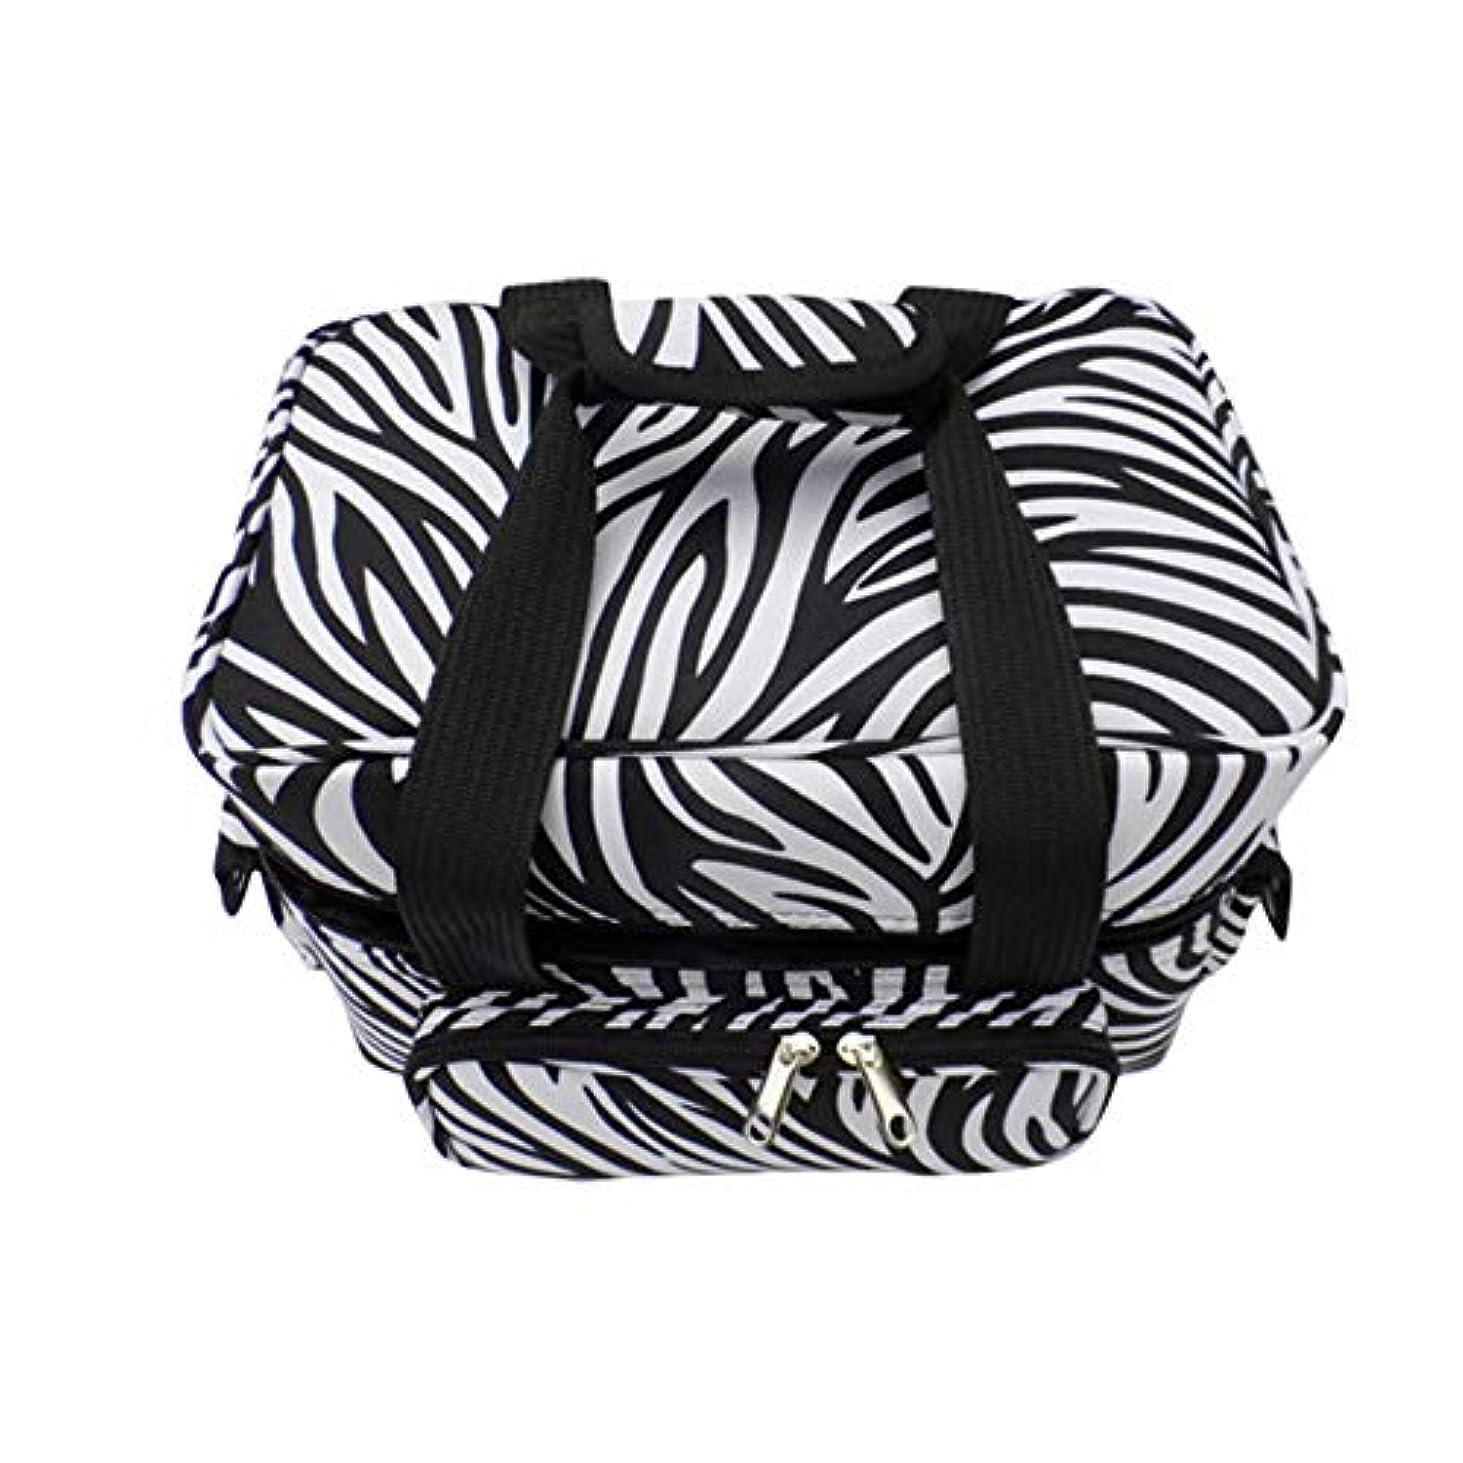 不十分ヘビ所持化粧オーガナイザーバッグ ゼブラストライプポータブル化粧品バッグ美容メイクアップと女の子女性旅行とジッパーとトレイで毎日のストレージ 化粧品ケース